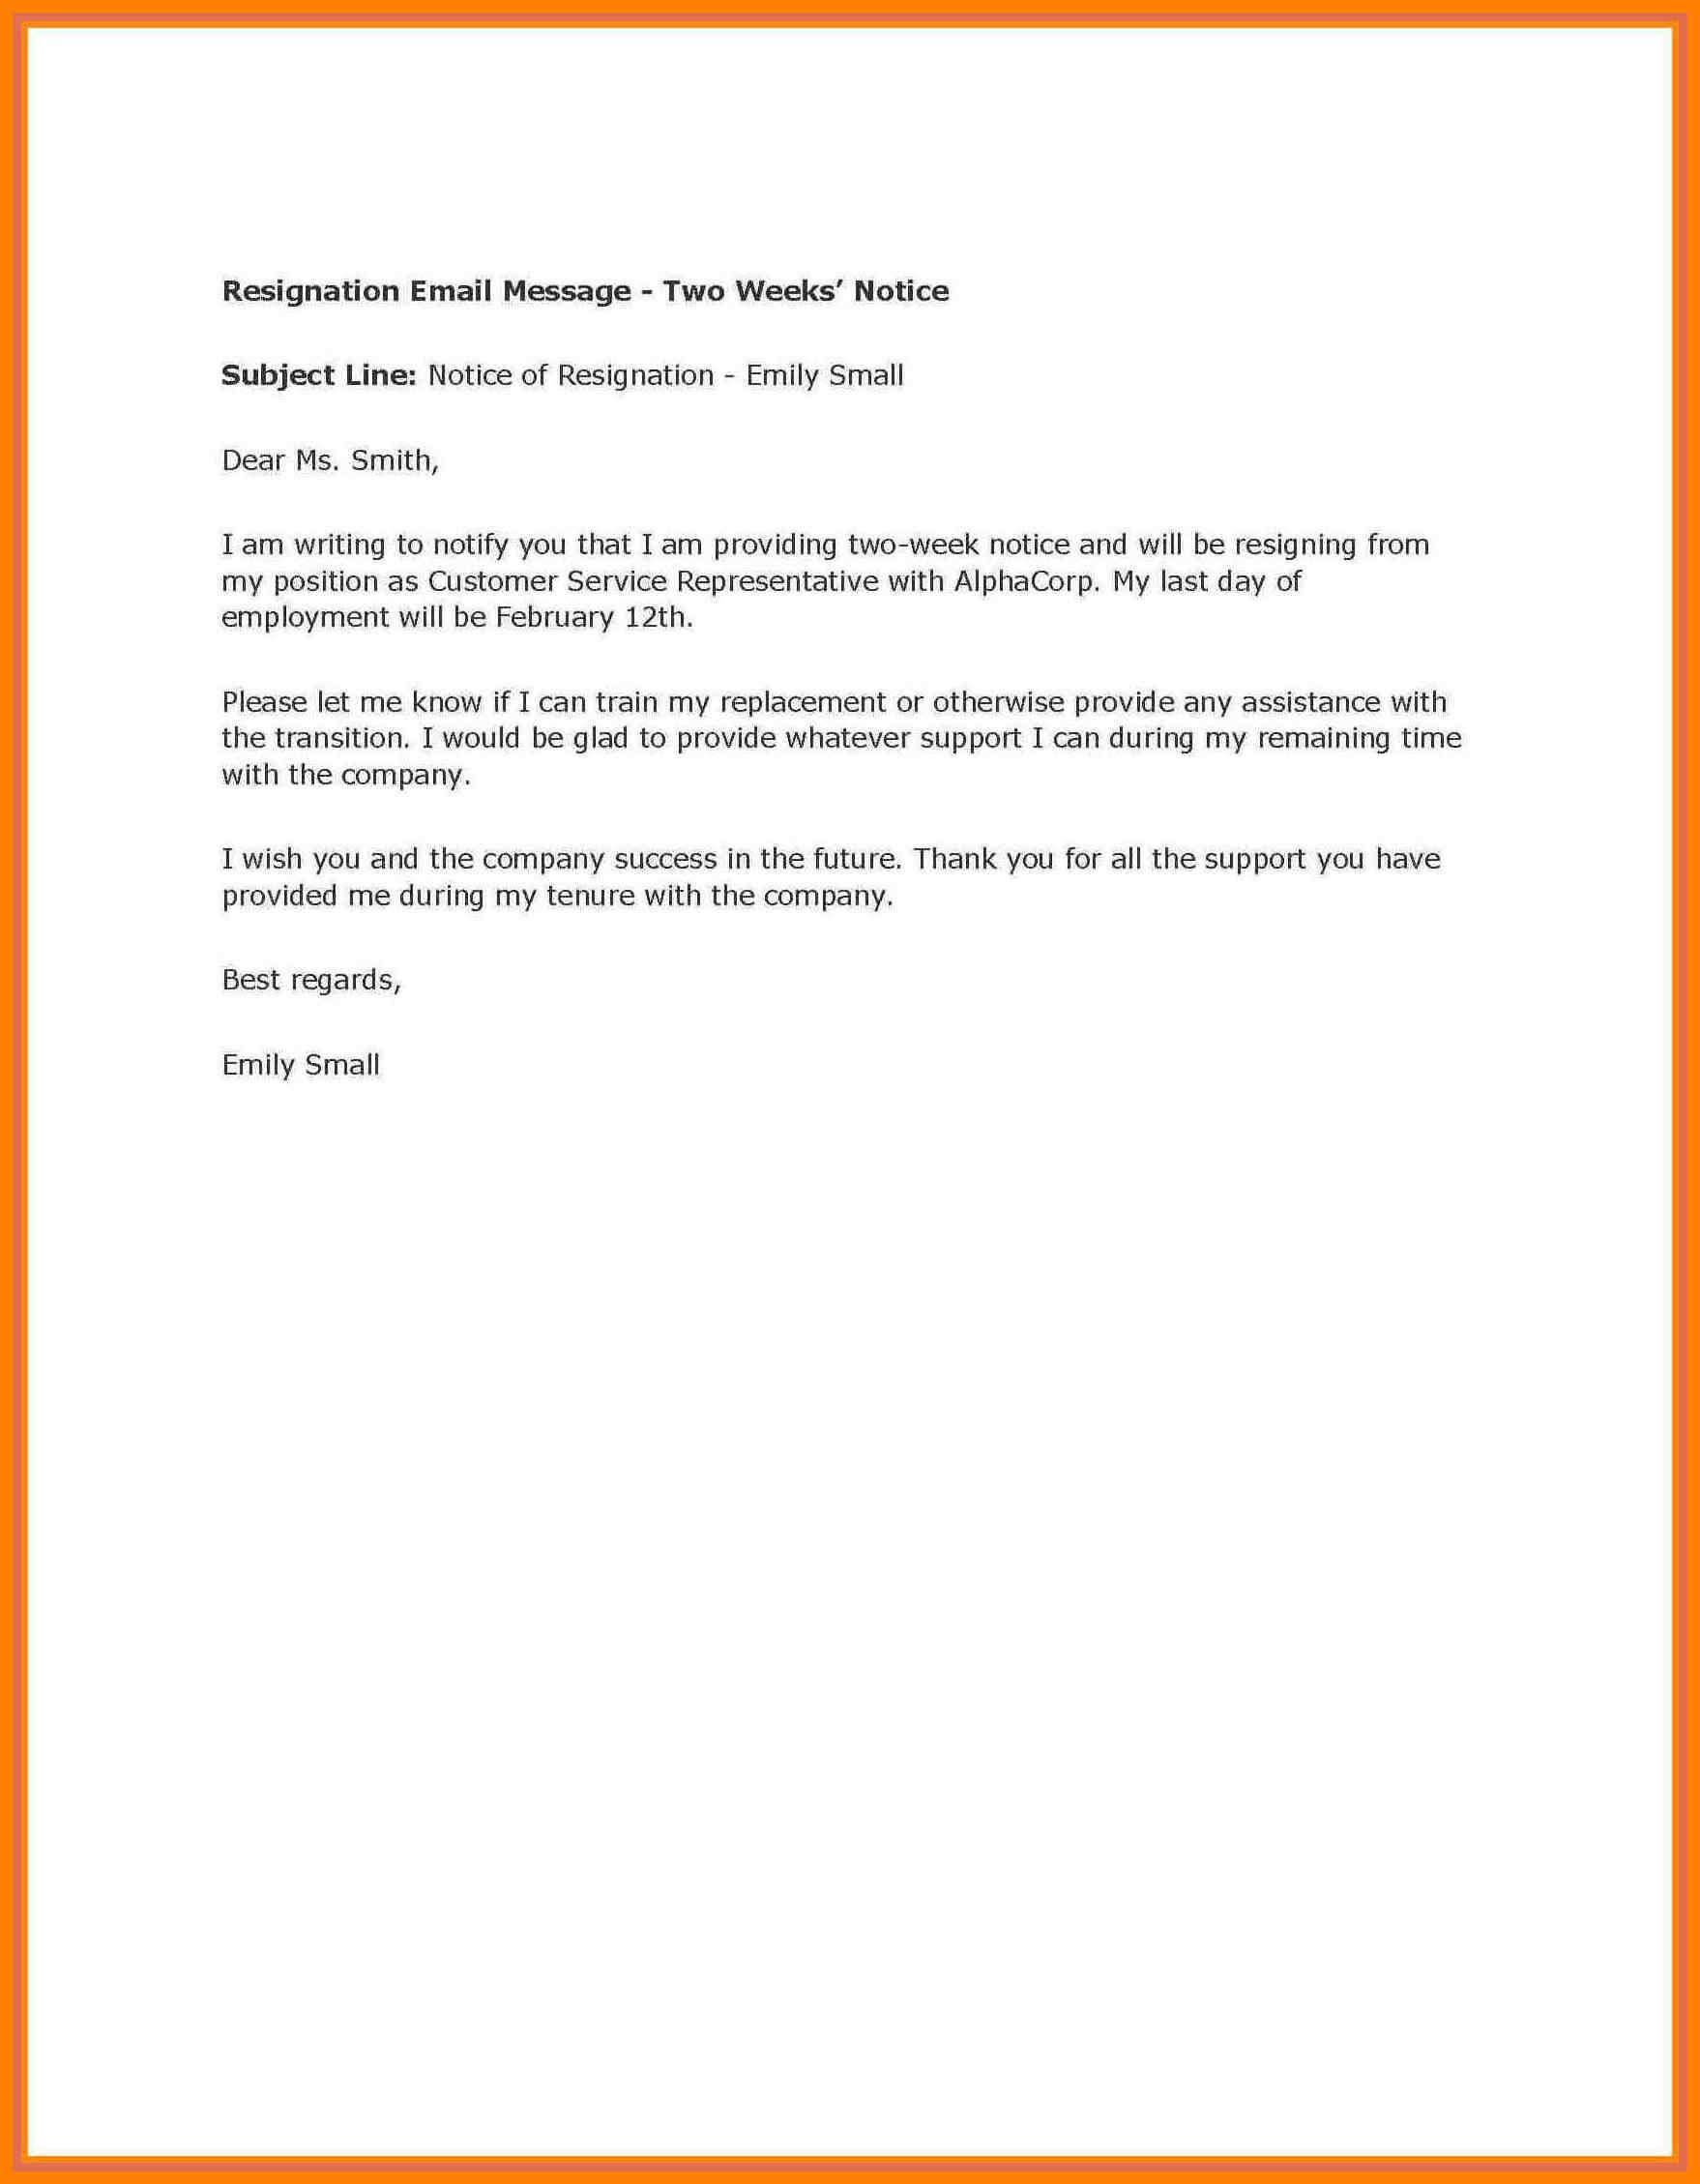 002 Week Notice Template Word Ideas Two Weeks Letter Example Inside Two Week Notice Template Word